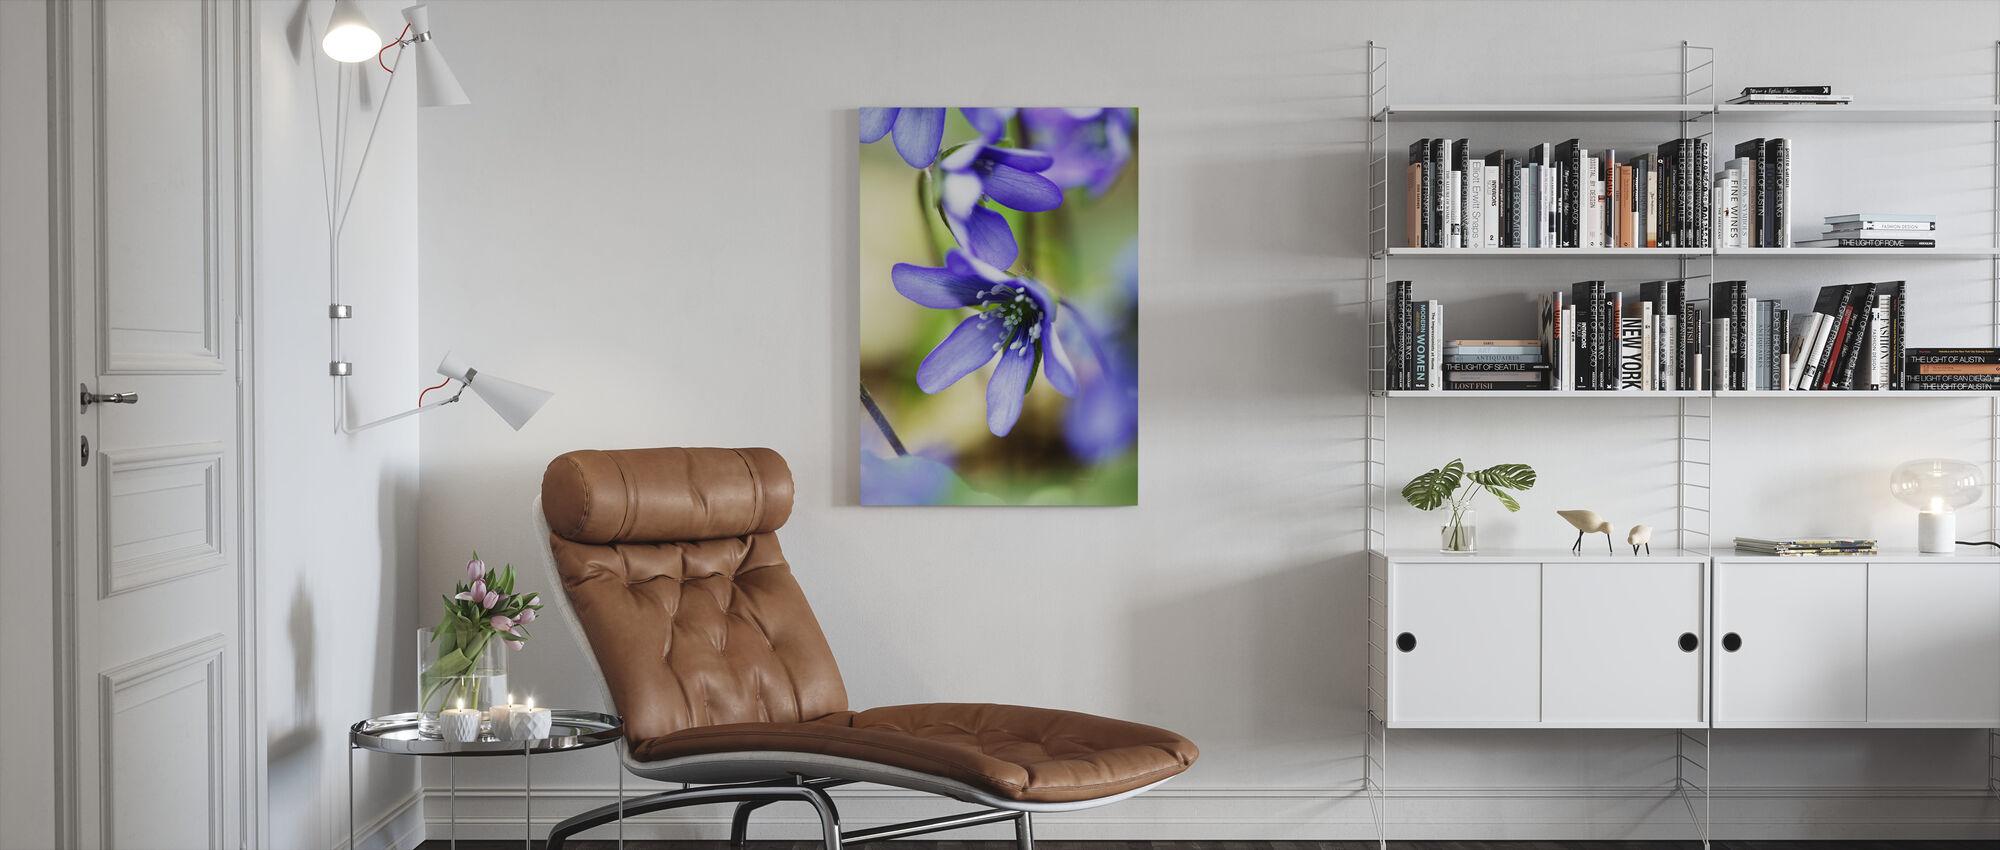 Hepatica Close Up - Canvas print - Living Room